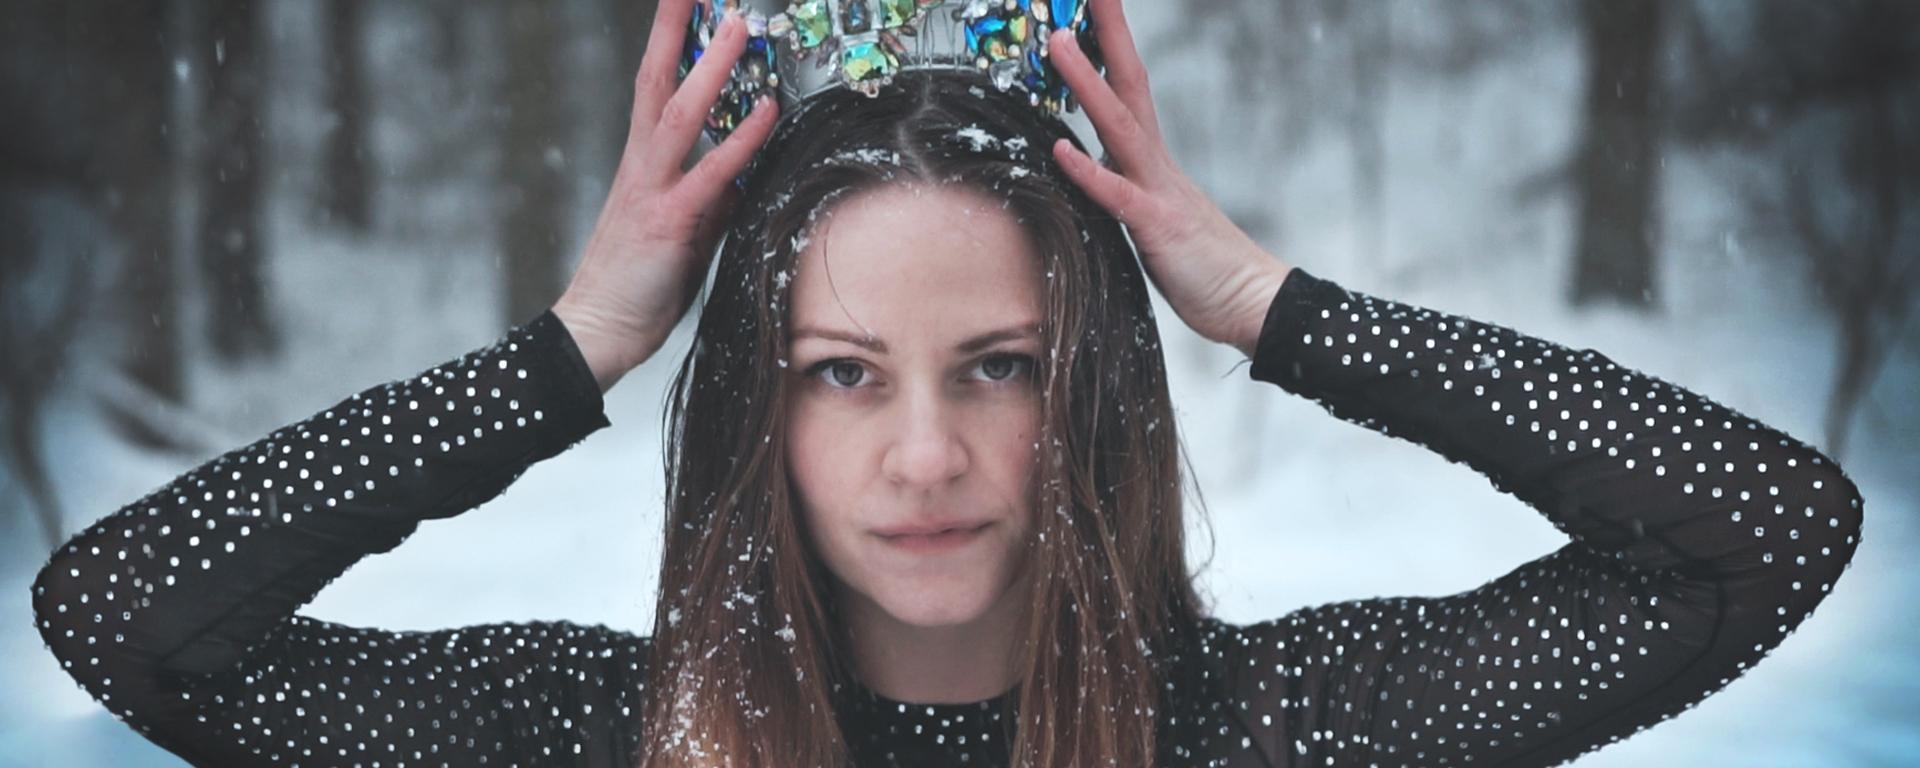 Dominika Titková sa v novom klipe odhodlala na adrenalínové kúsky.